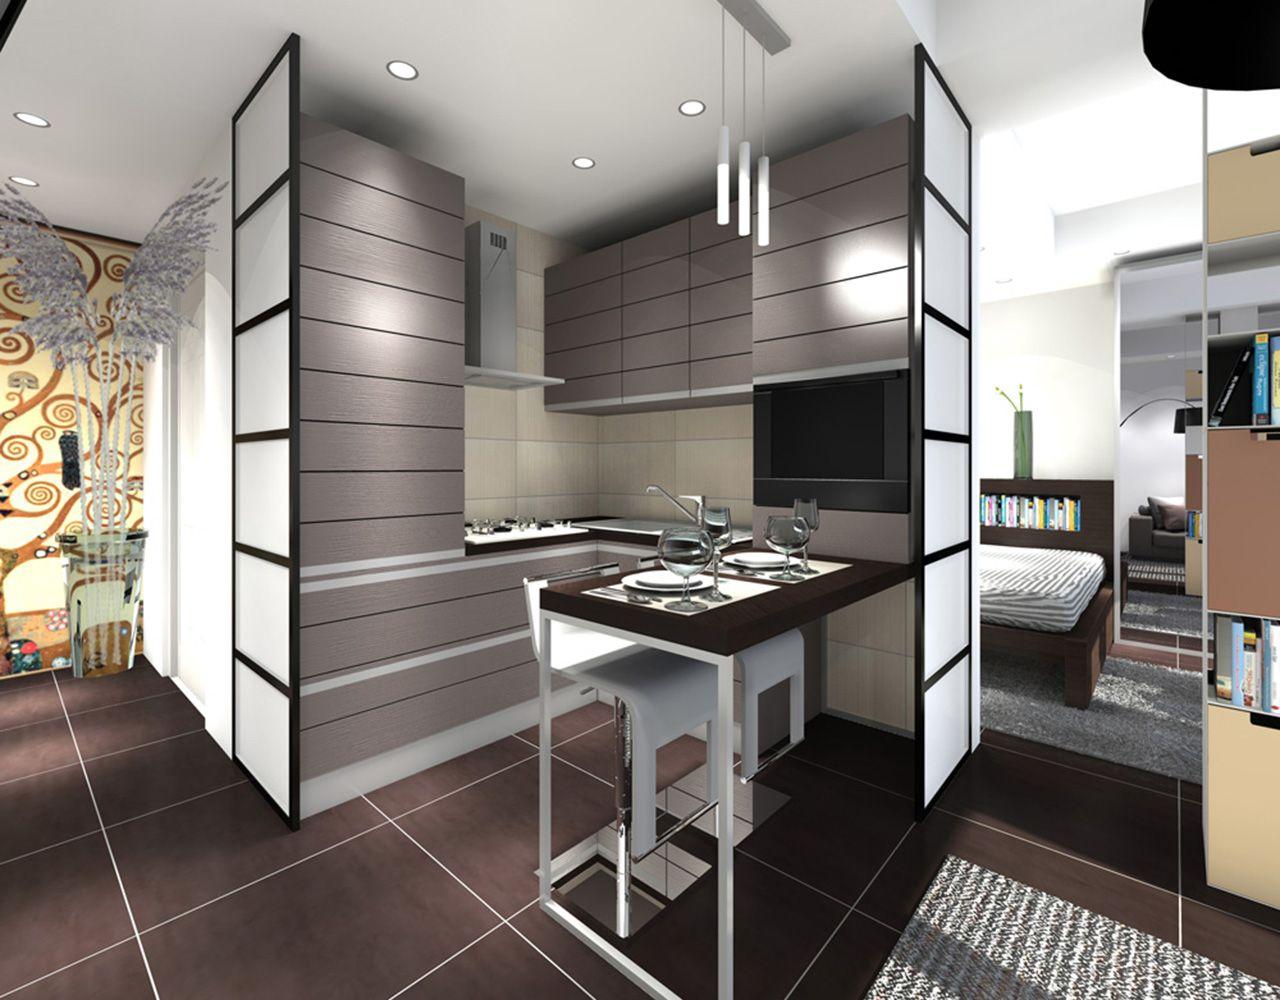 Esempi di arredo e design arredamento case e design for Esempi di arredamento